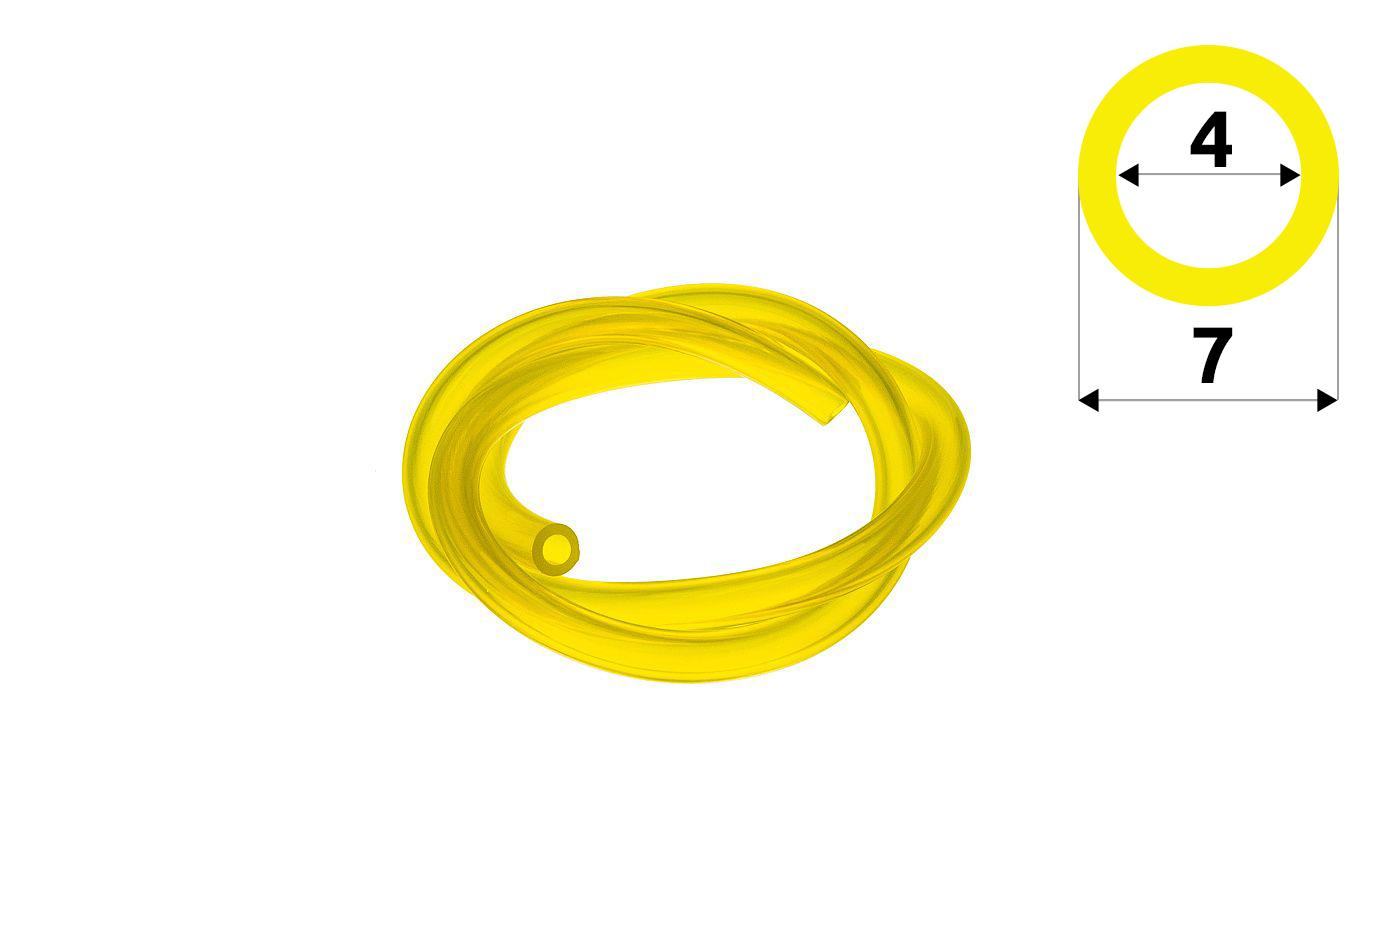 Palivová hadička 4 mm x 7 mm - 1m Palivová hadička 4 mm x 7 mm - 1 meter Palivová hadička 4 mm x 7 mm